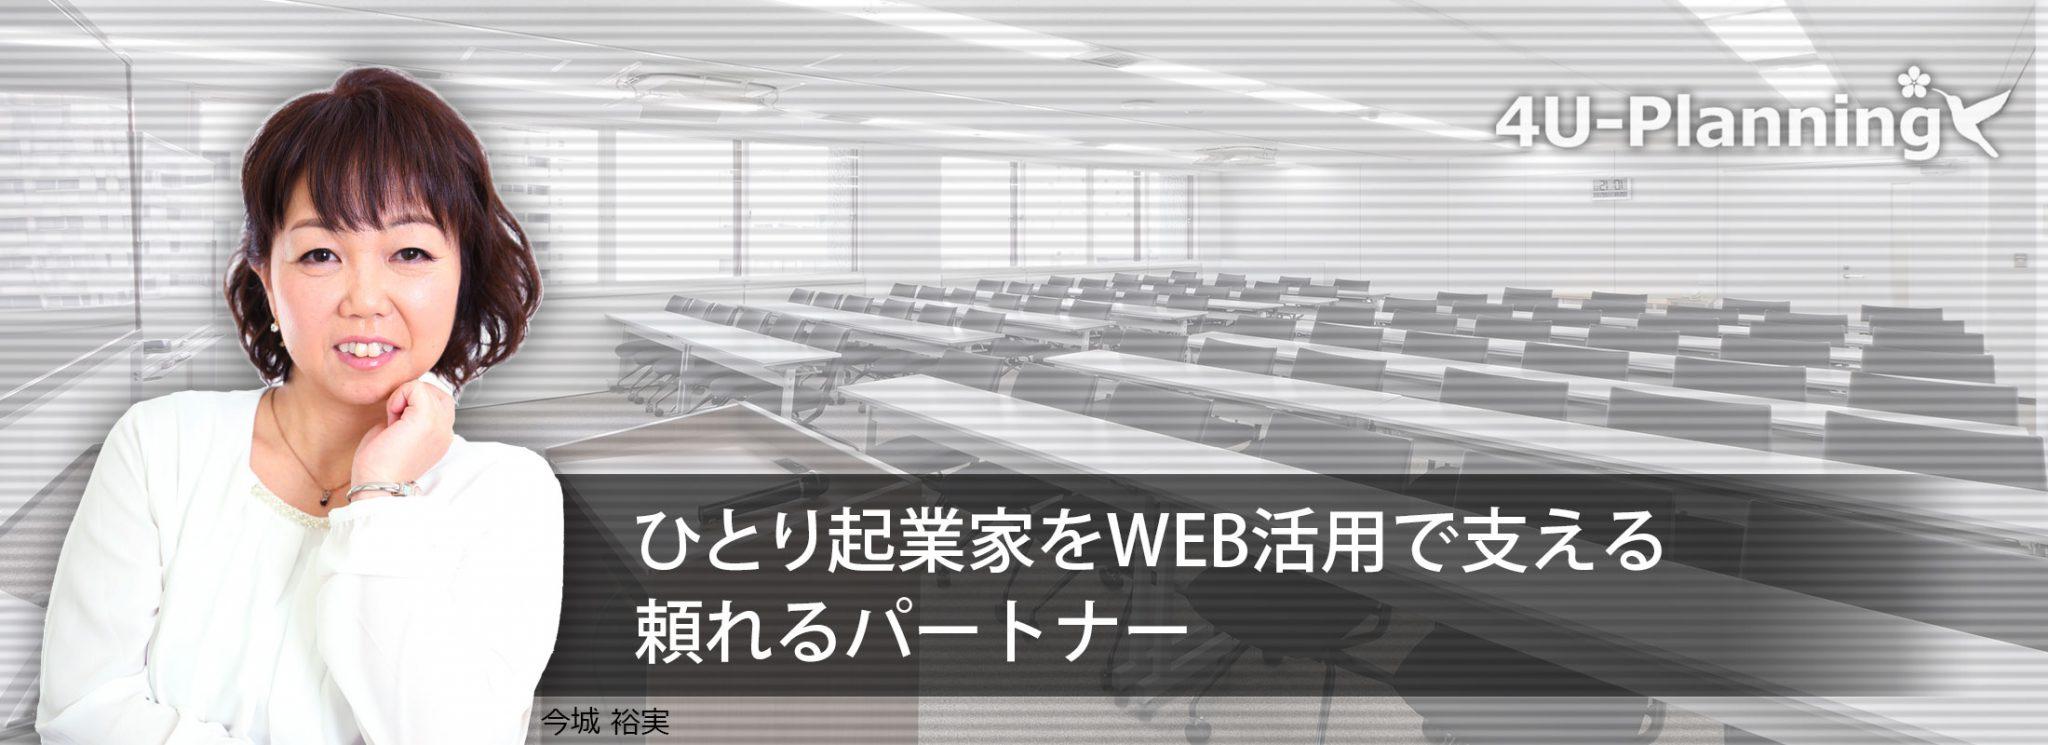 ひとり起業家のウェブ活用・SNS情報発信をサポートします